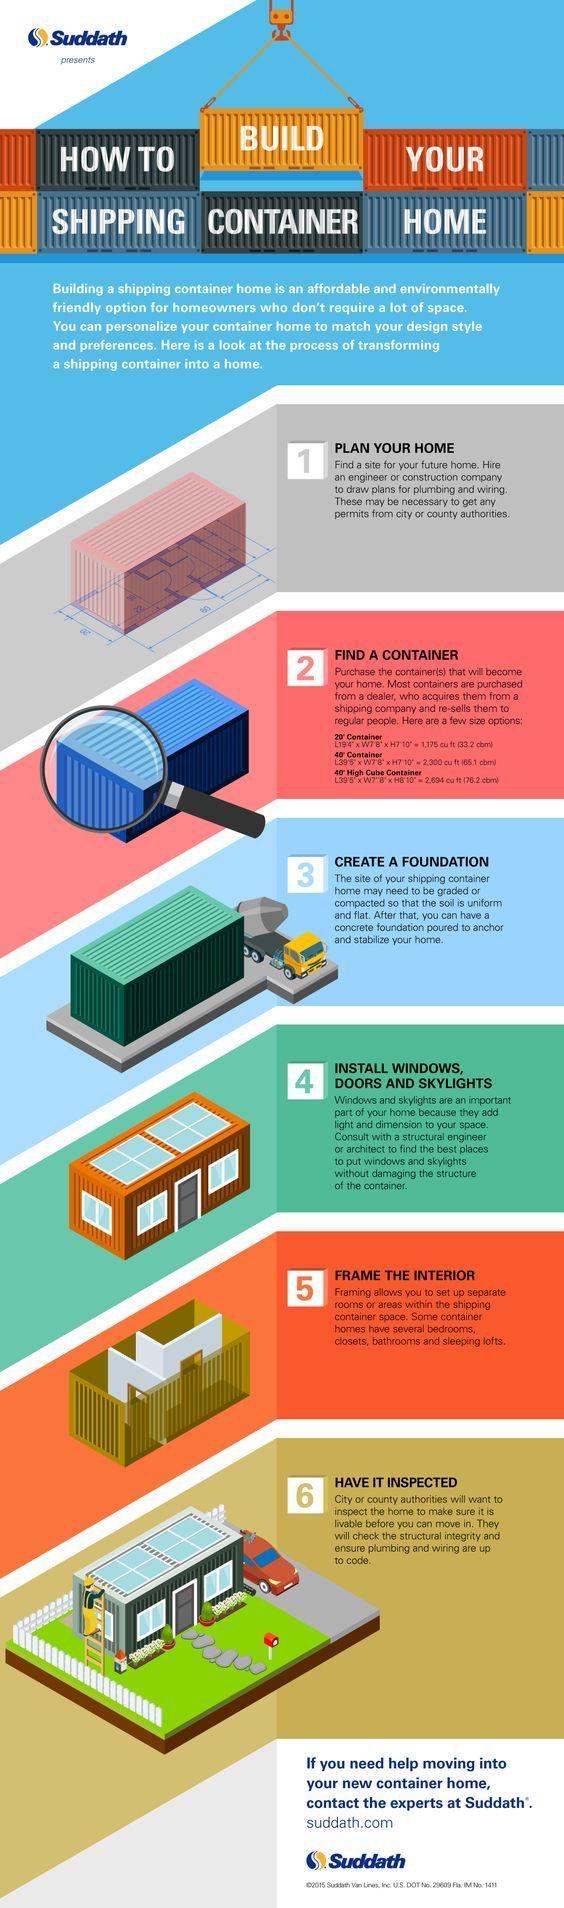 Transformer Container En Maison se rapportant à transformer container en maison. ecopodsau canada a conu des petits